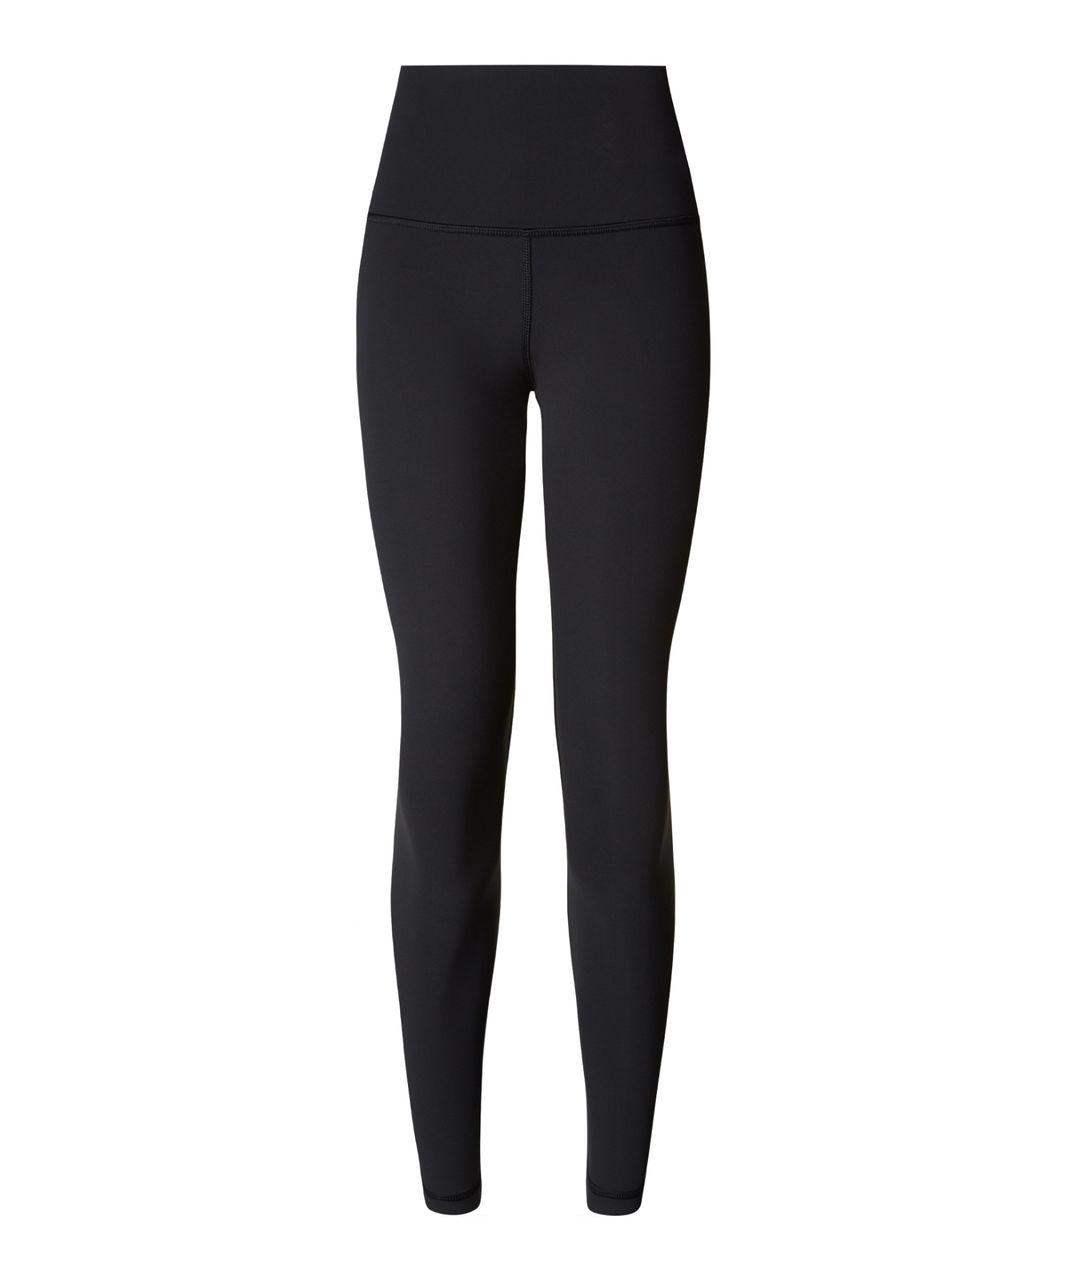 51090229bd341 Lululemon High Times Pant (Brushed) *Full-On Luxtreme - Black - lulu ...